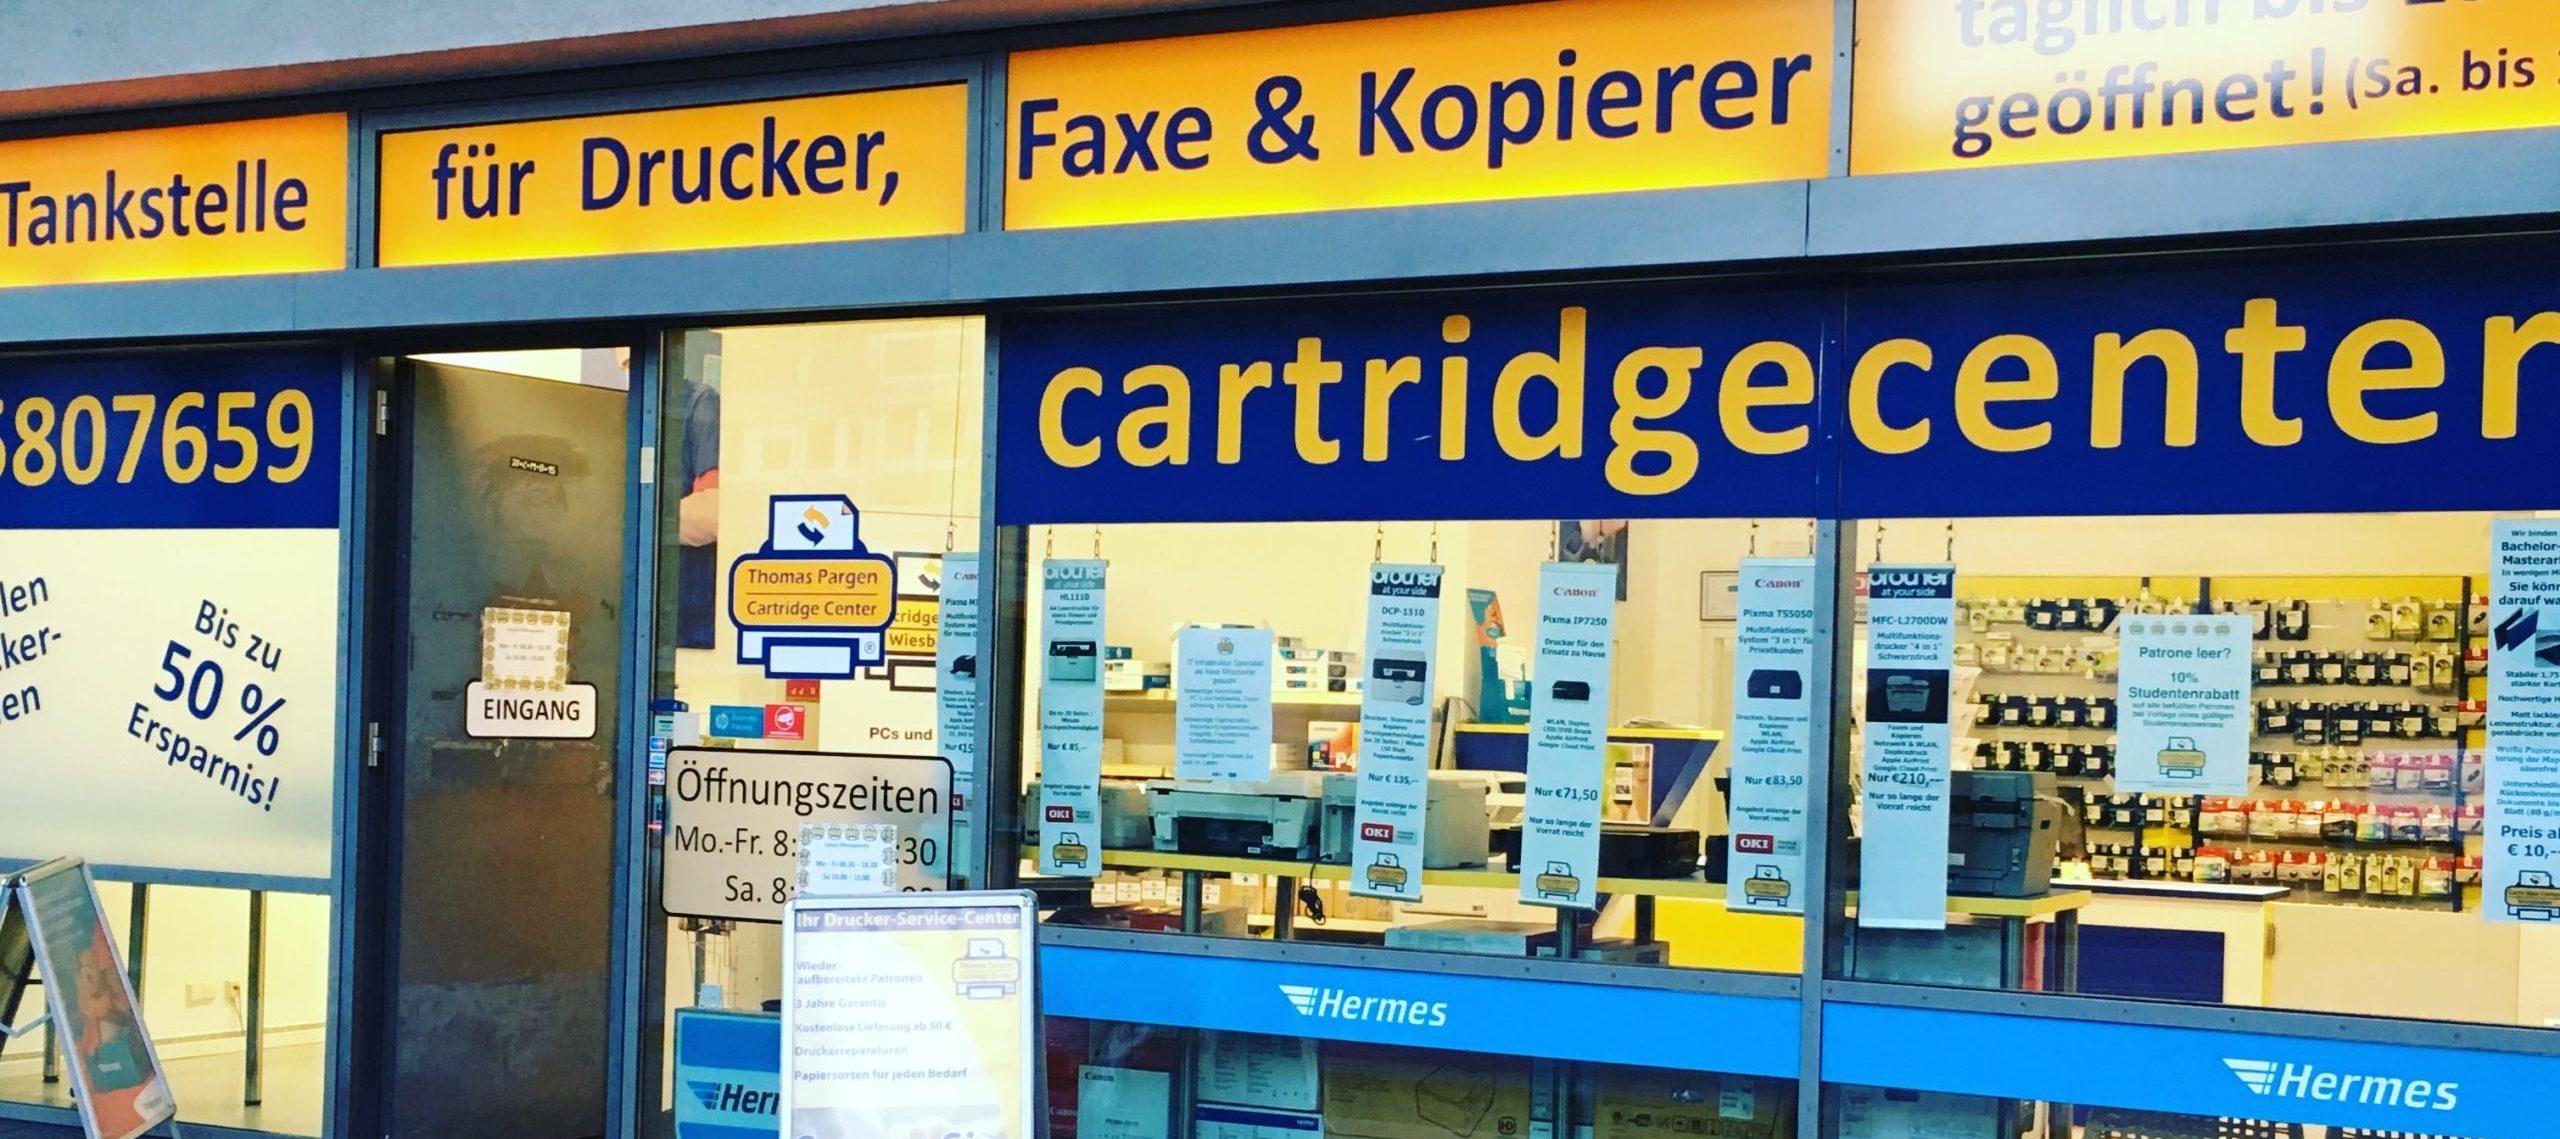 Cartridge Center Wiesbaden - das Fachgeschäft rund ums Drucken in Wiesbaden